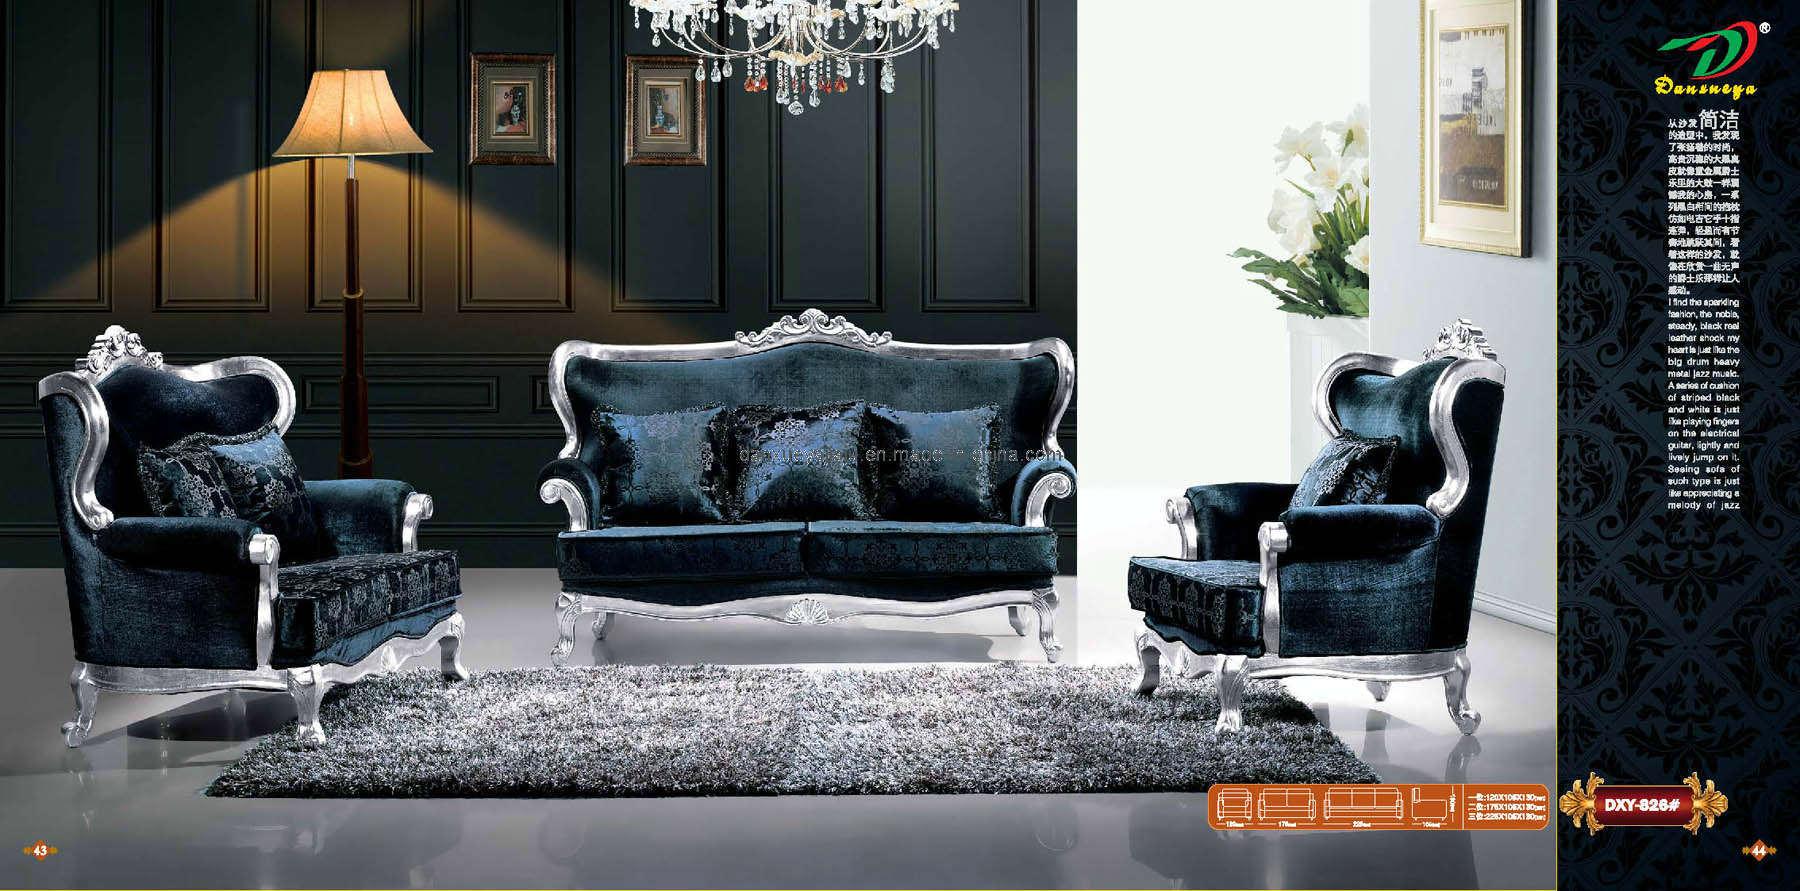 Sof silla sof de cuero muebles modernos de hotel del for Muebles de sala modernos italianos